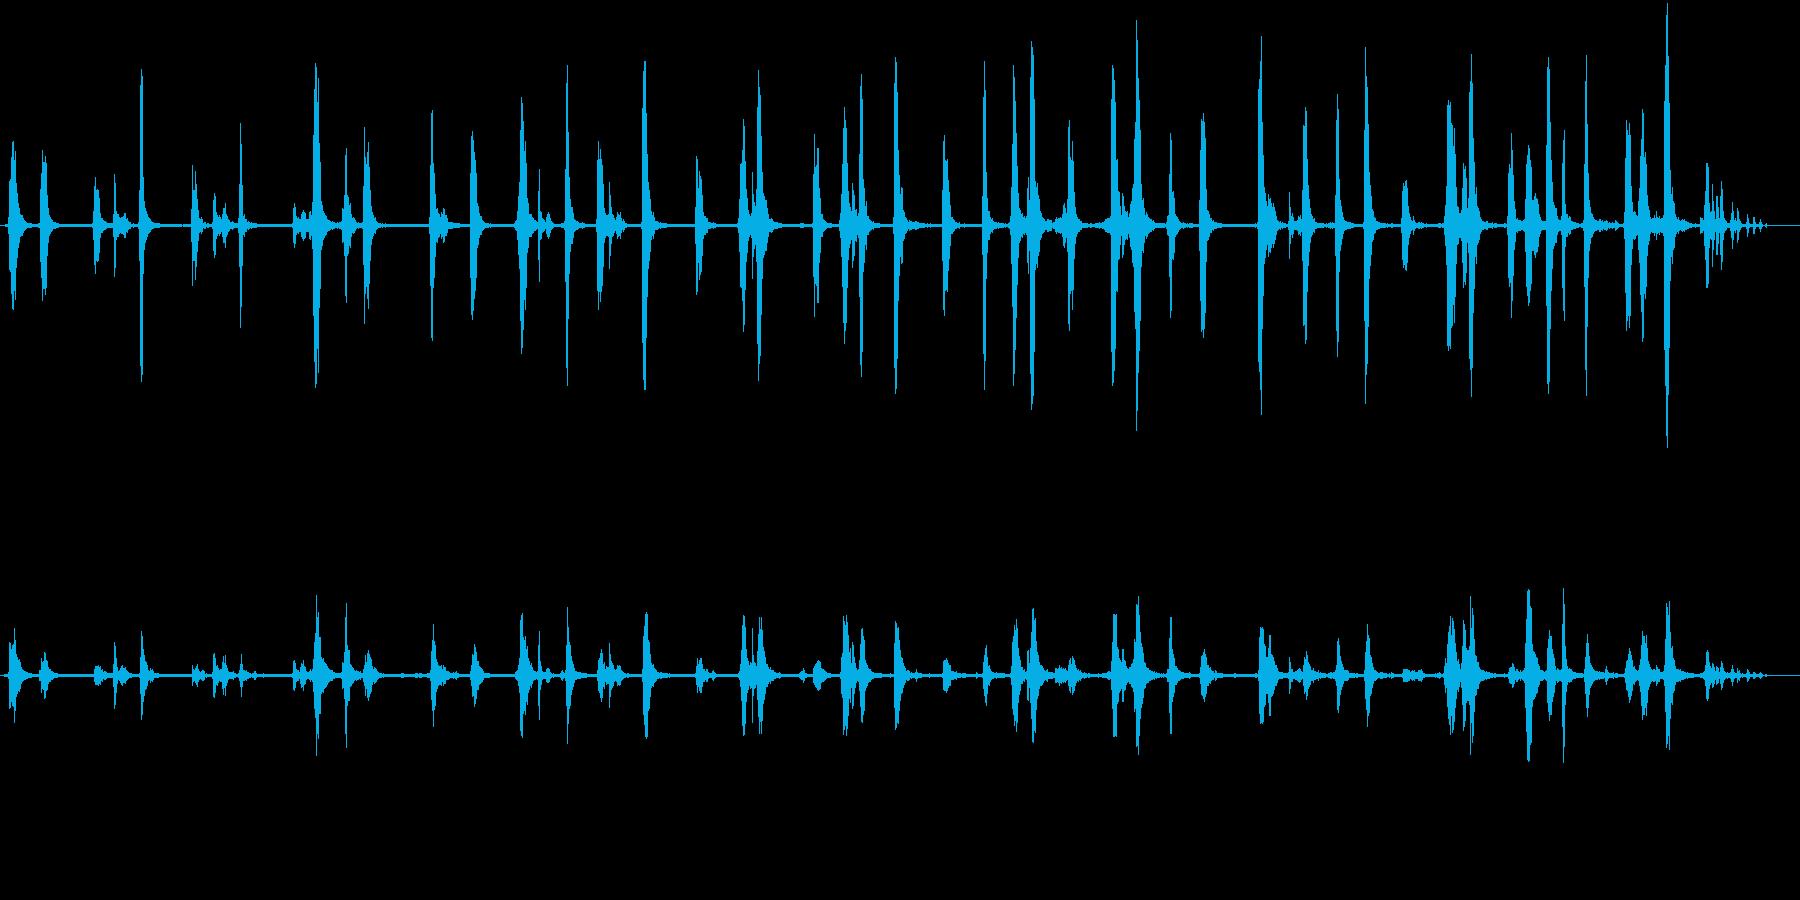 【生録音】春の野鳥のさえずり 2の再生済みの波形